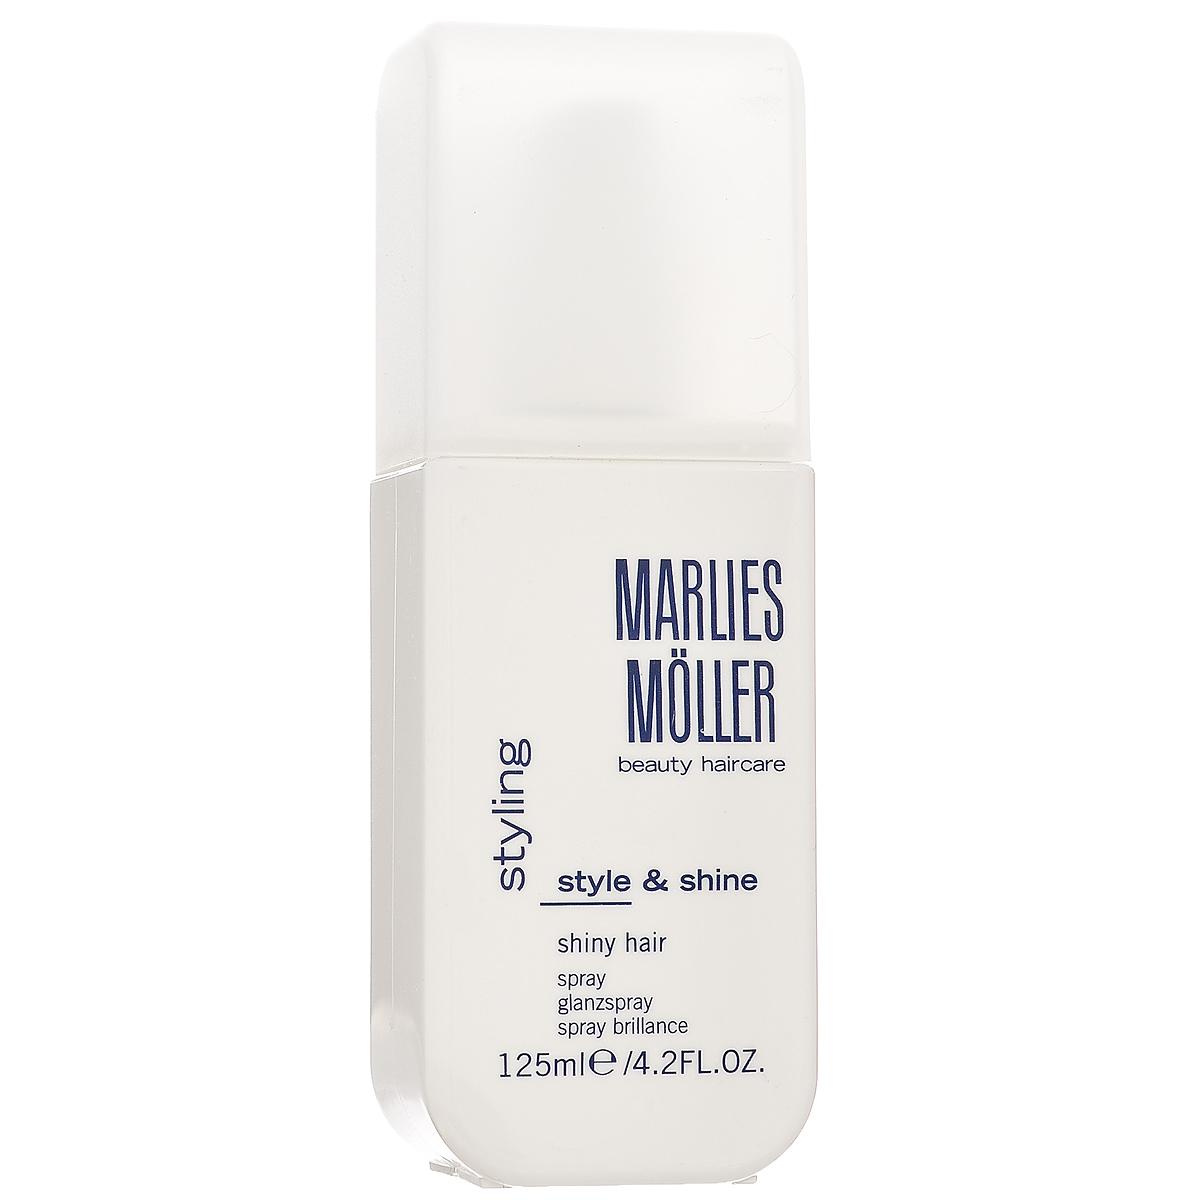 Marlies Moller Спрей Styling, придающий блеск волосам, 125 мл25676MMsУльтралегкий спрей Marlies Moller Styling - финальный штрих вашей укладки. Подходит для всех типов волос и для любой укладки. Придает волосам блеск, здоровый и ухоженный вид. Не утяжеляет волосы. Применение : распылите спрей по всей длине волос в завершении укладки.